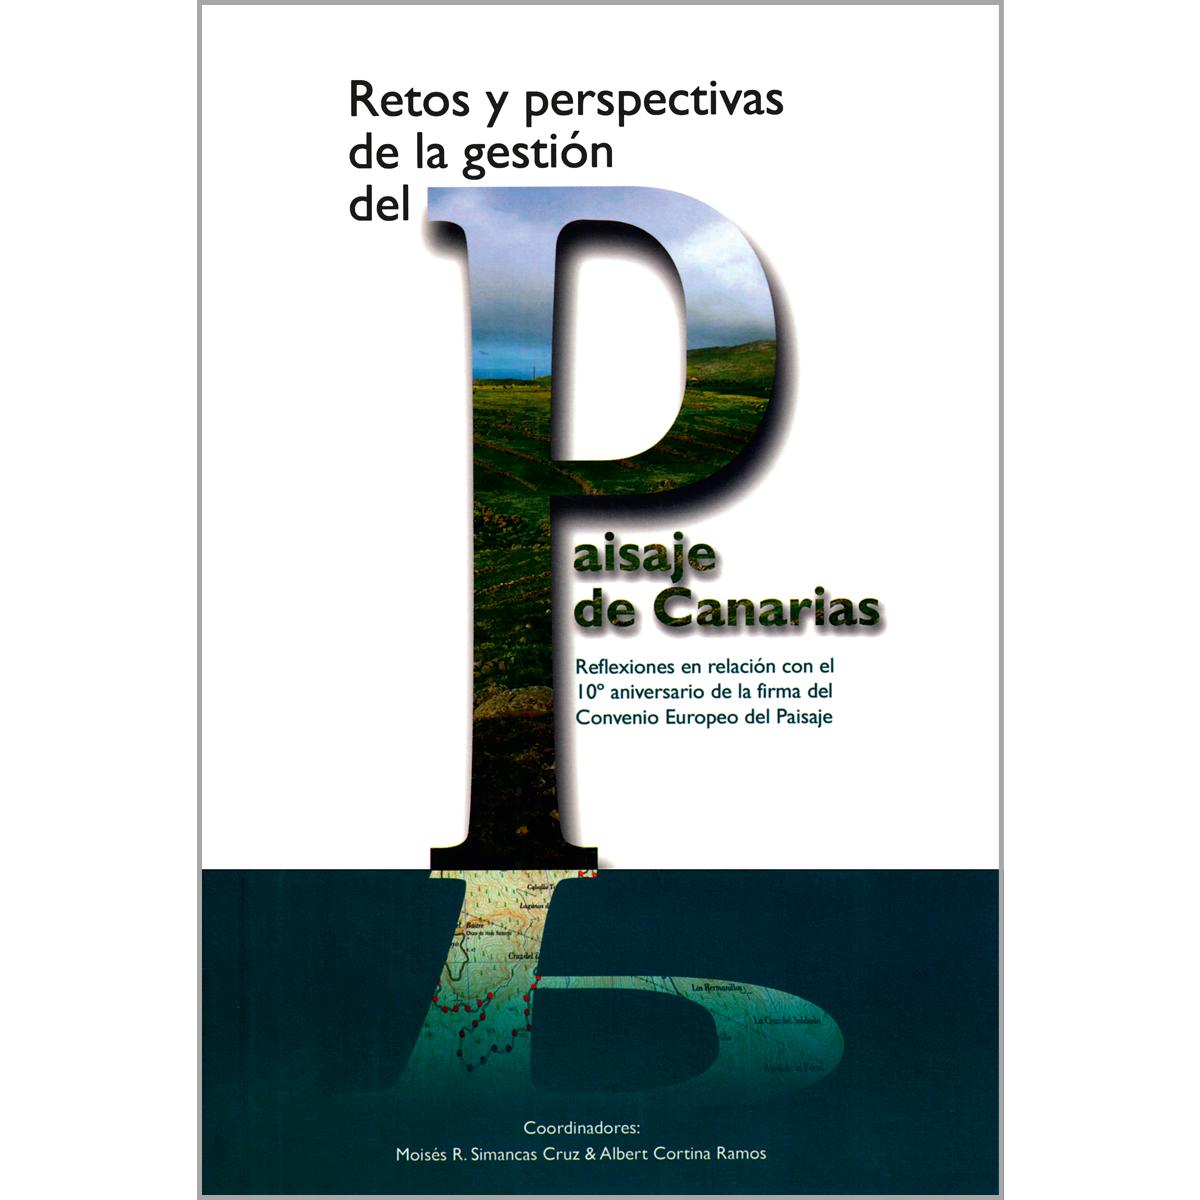 Retos y perspectivas  de la gestión del paisaje de Canarias